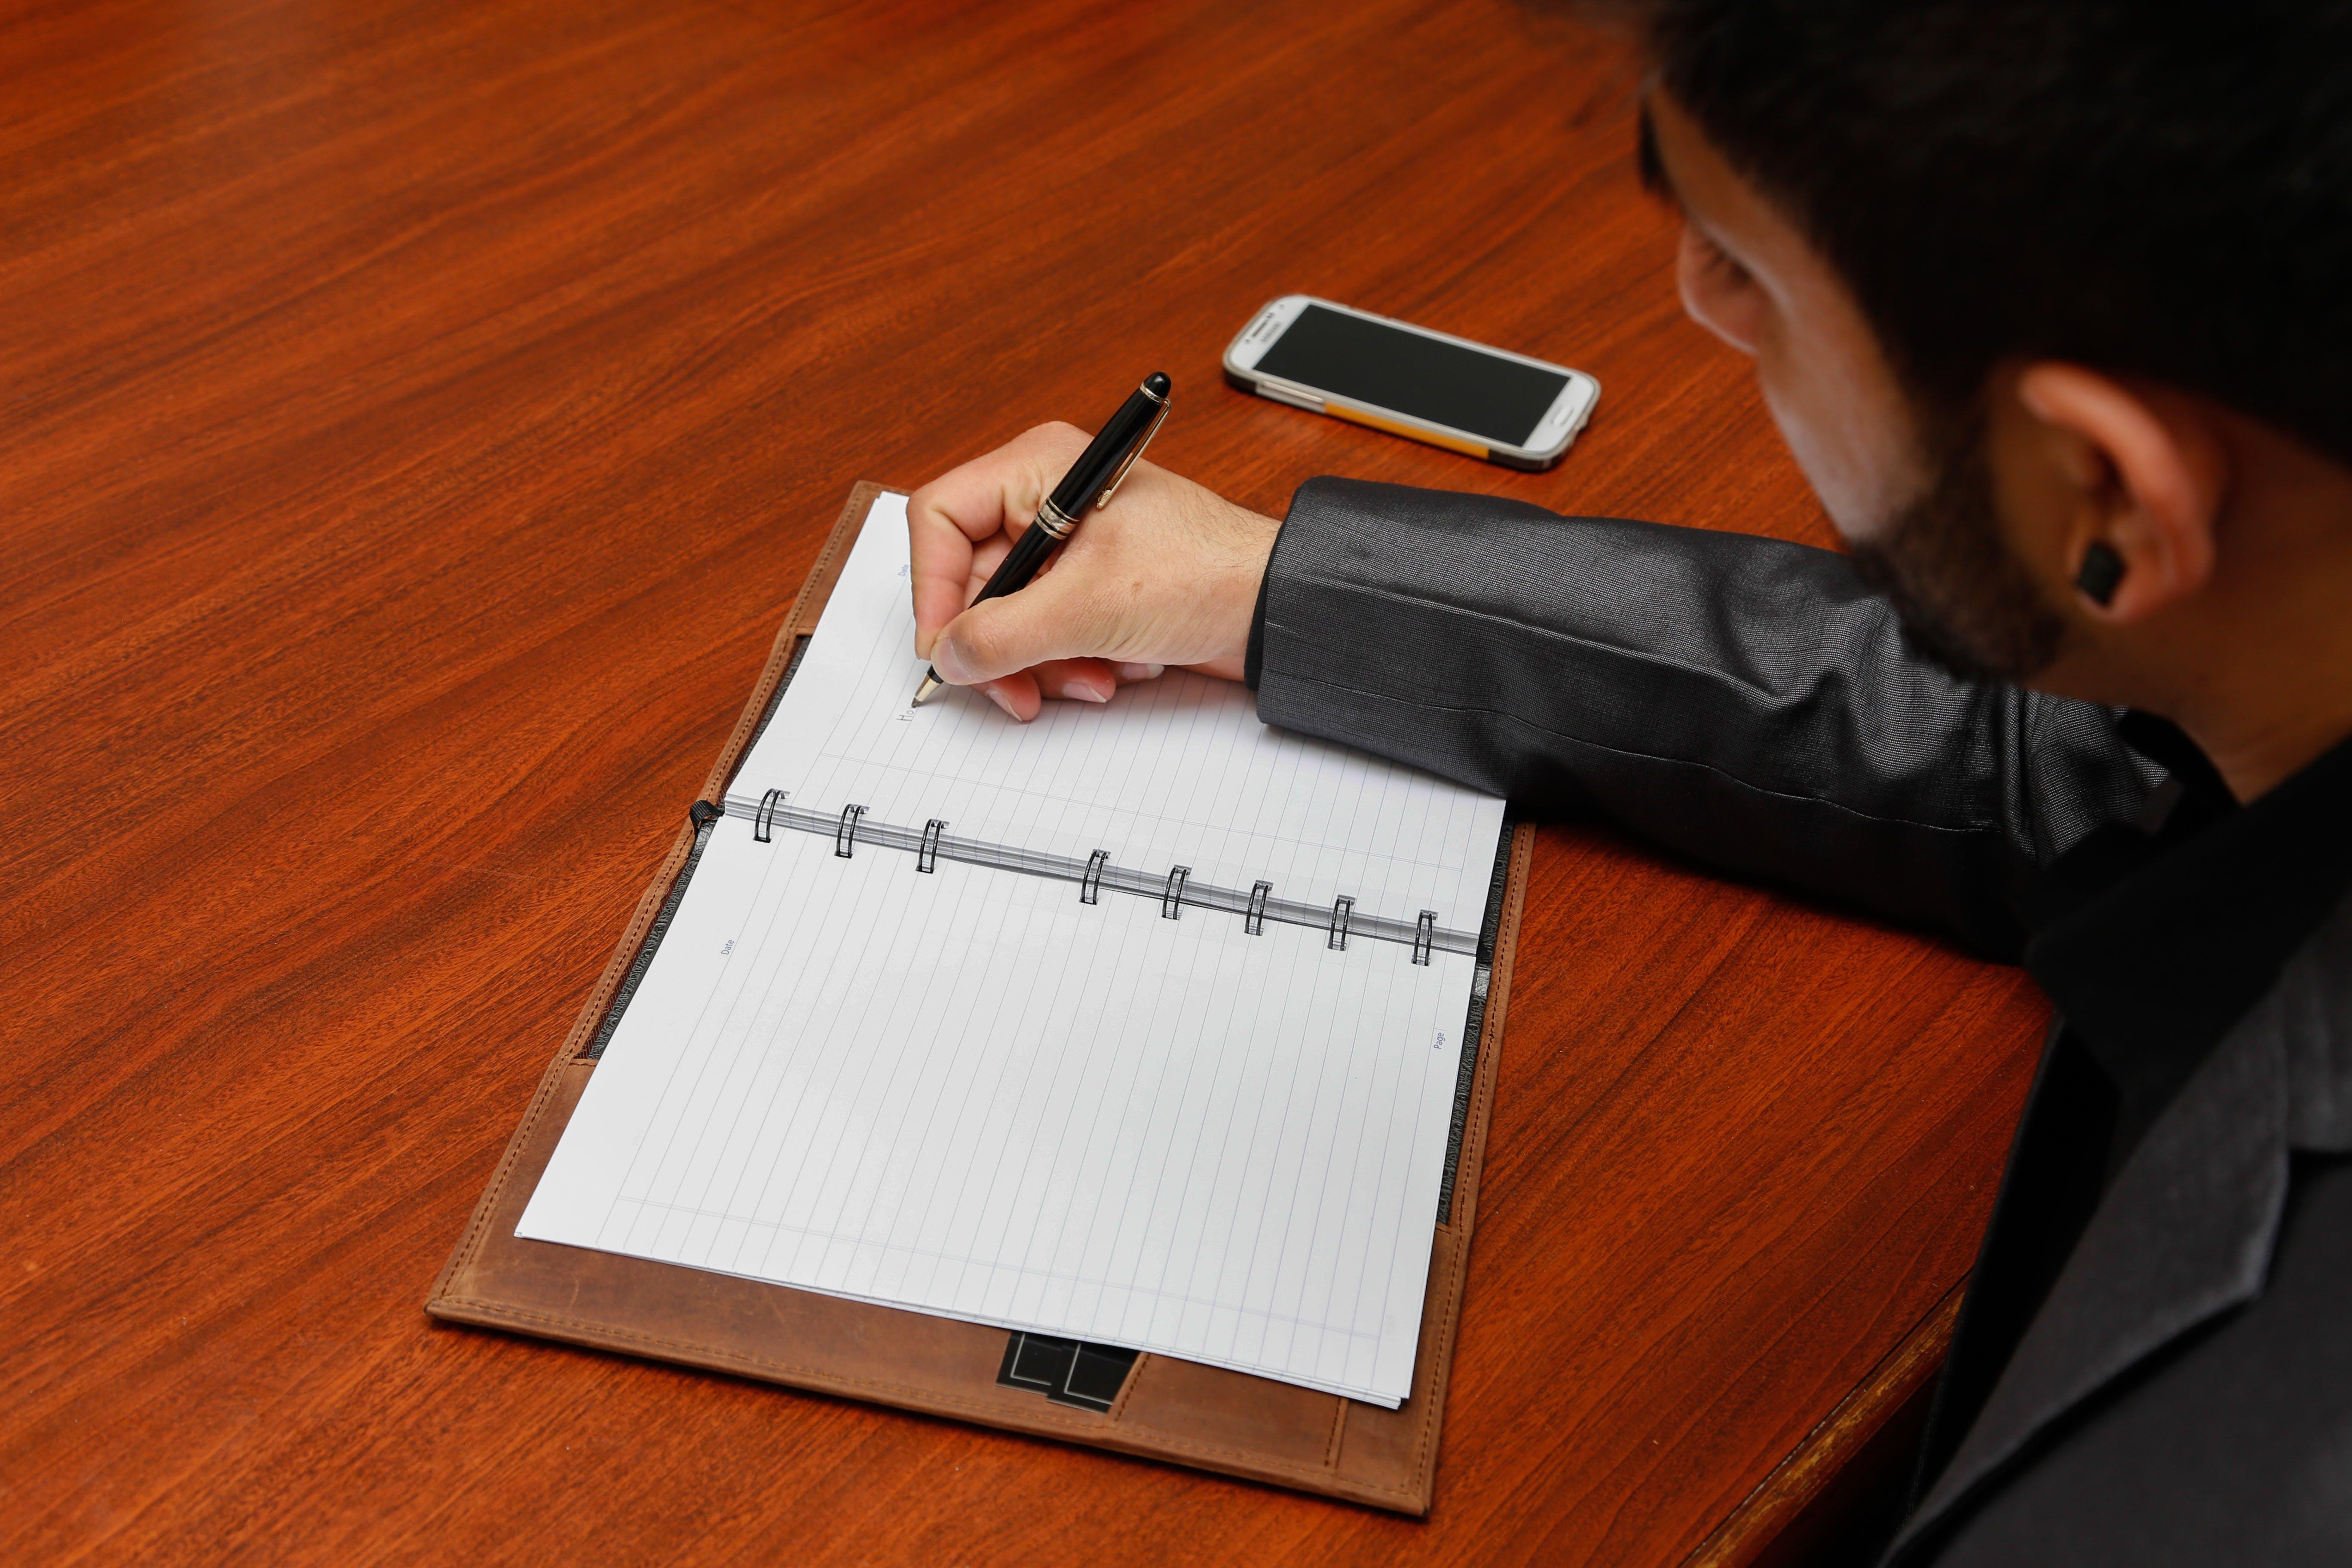 desk, man, notebook